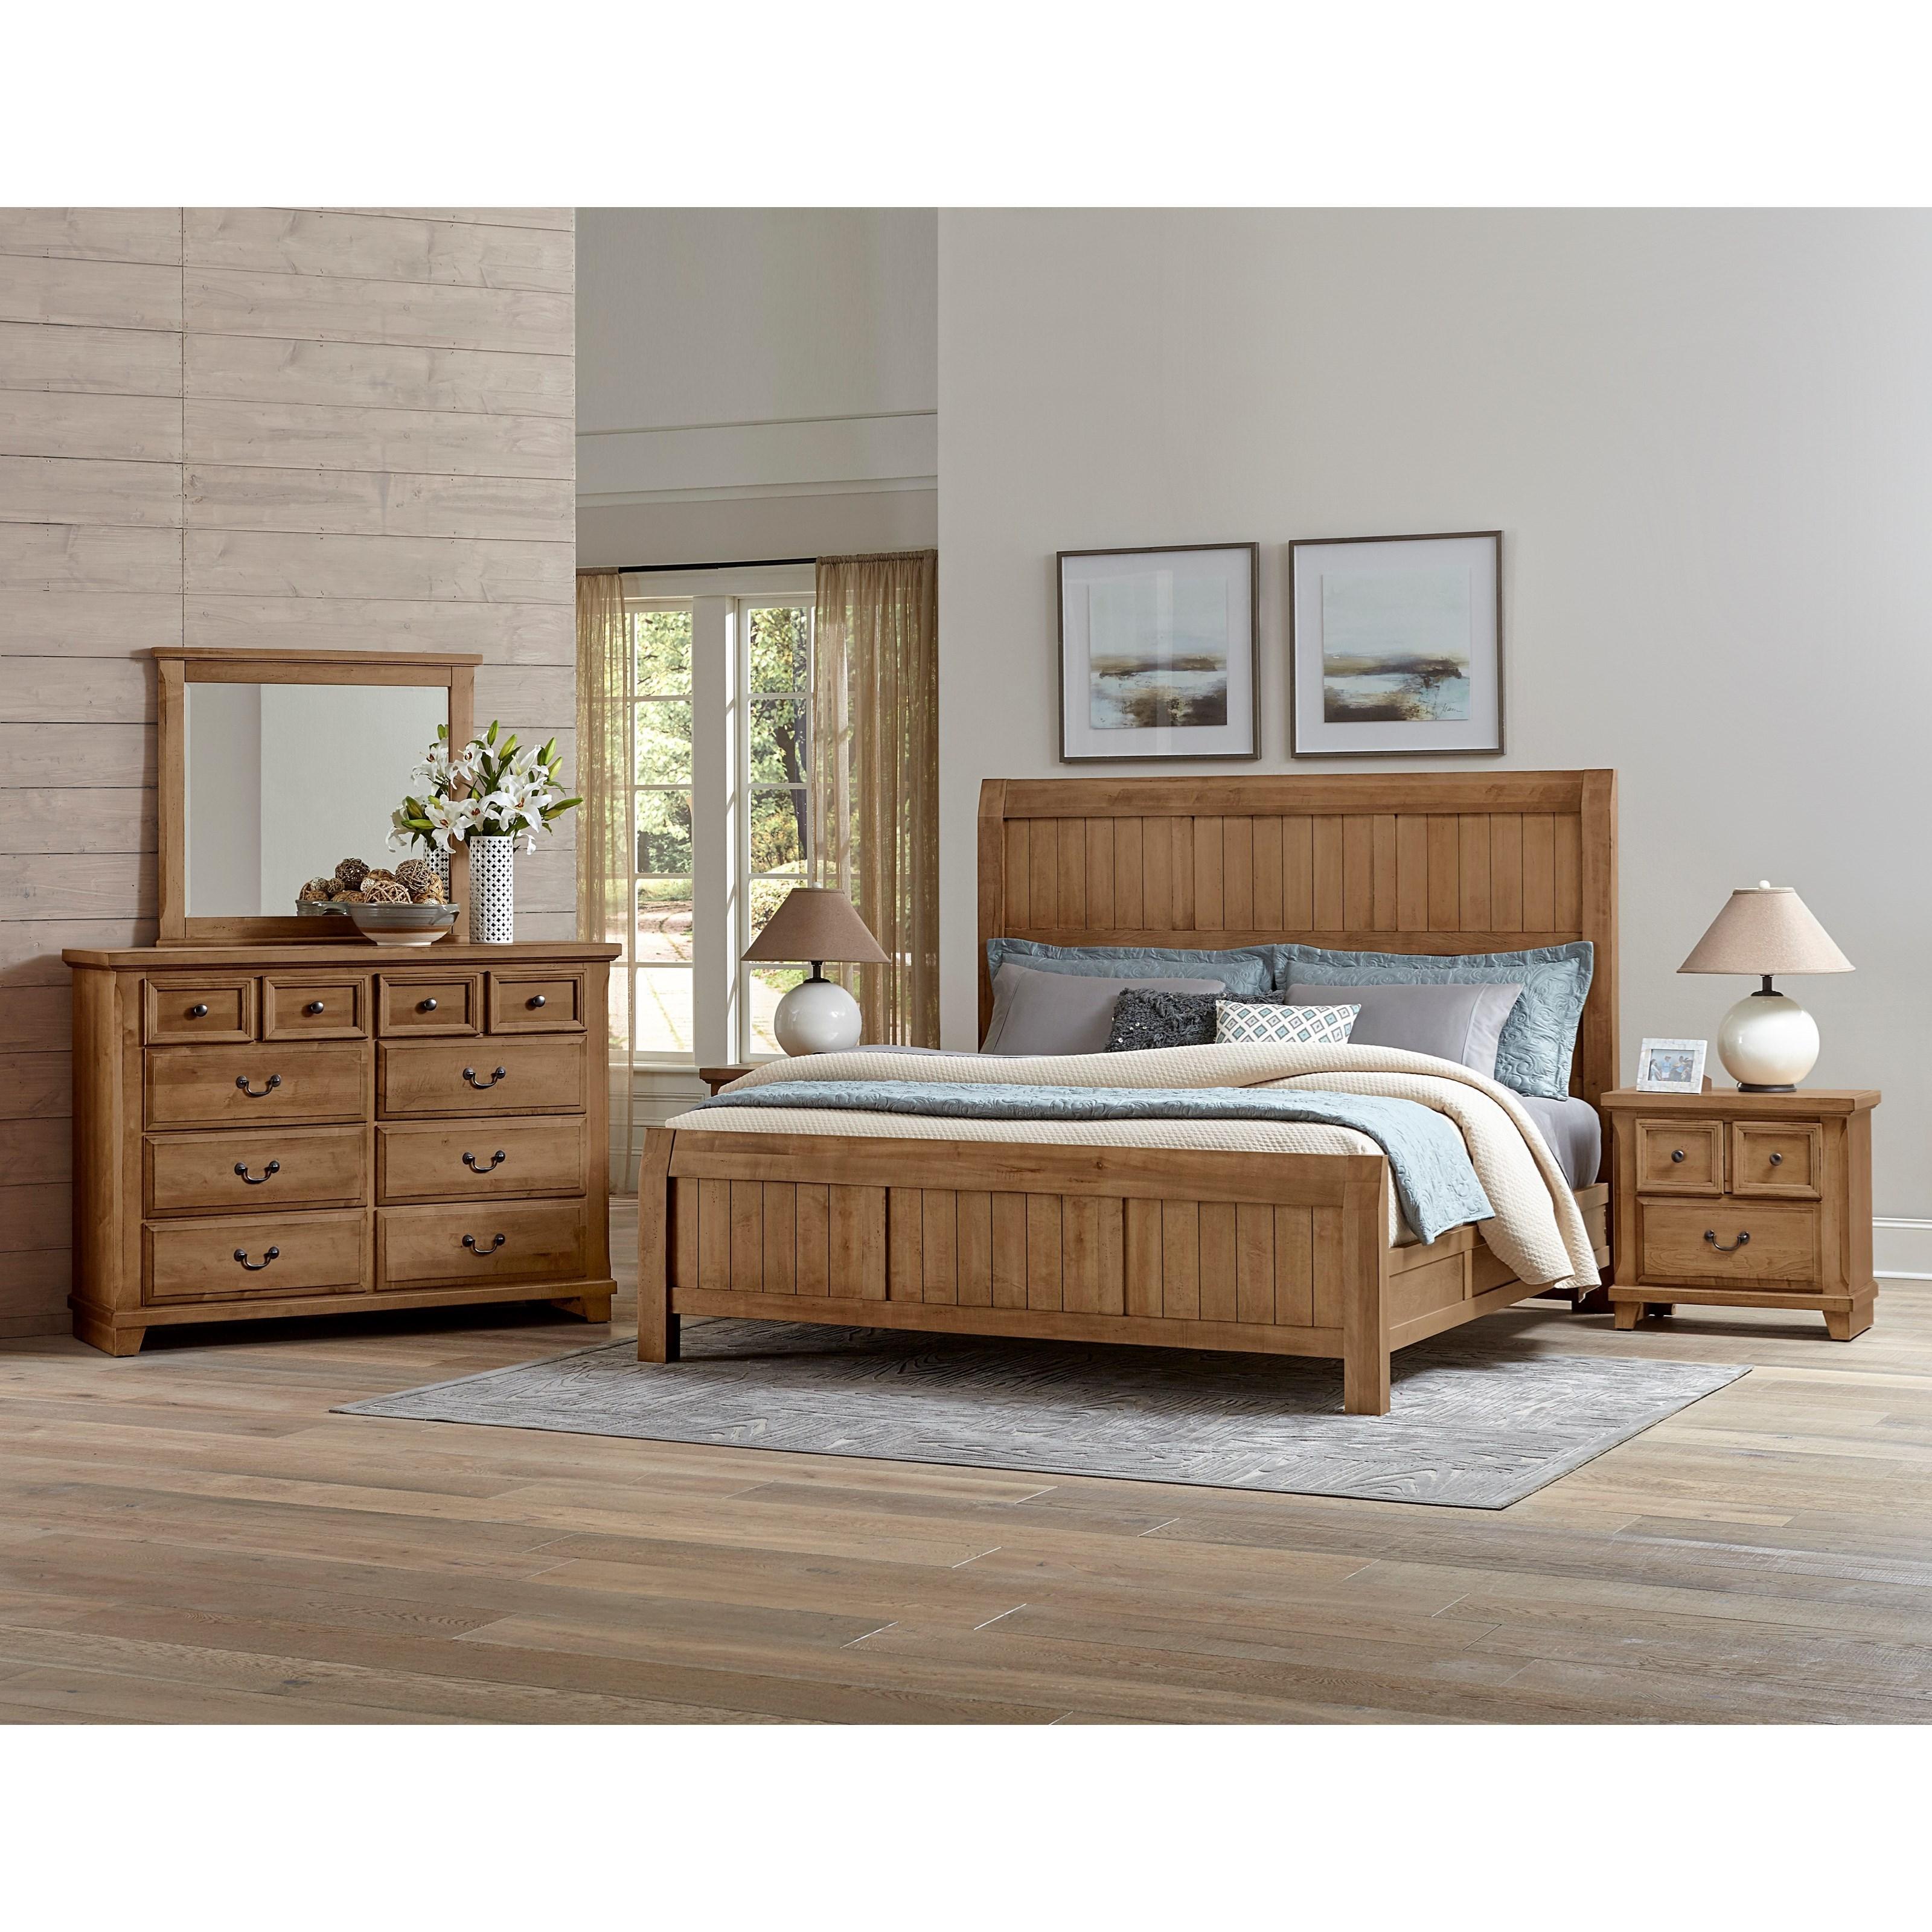 Vaughan Bassett Timber Creek Queen Bedroom Group - Item Number: 672 Q Bedroom Group 2